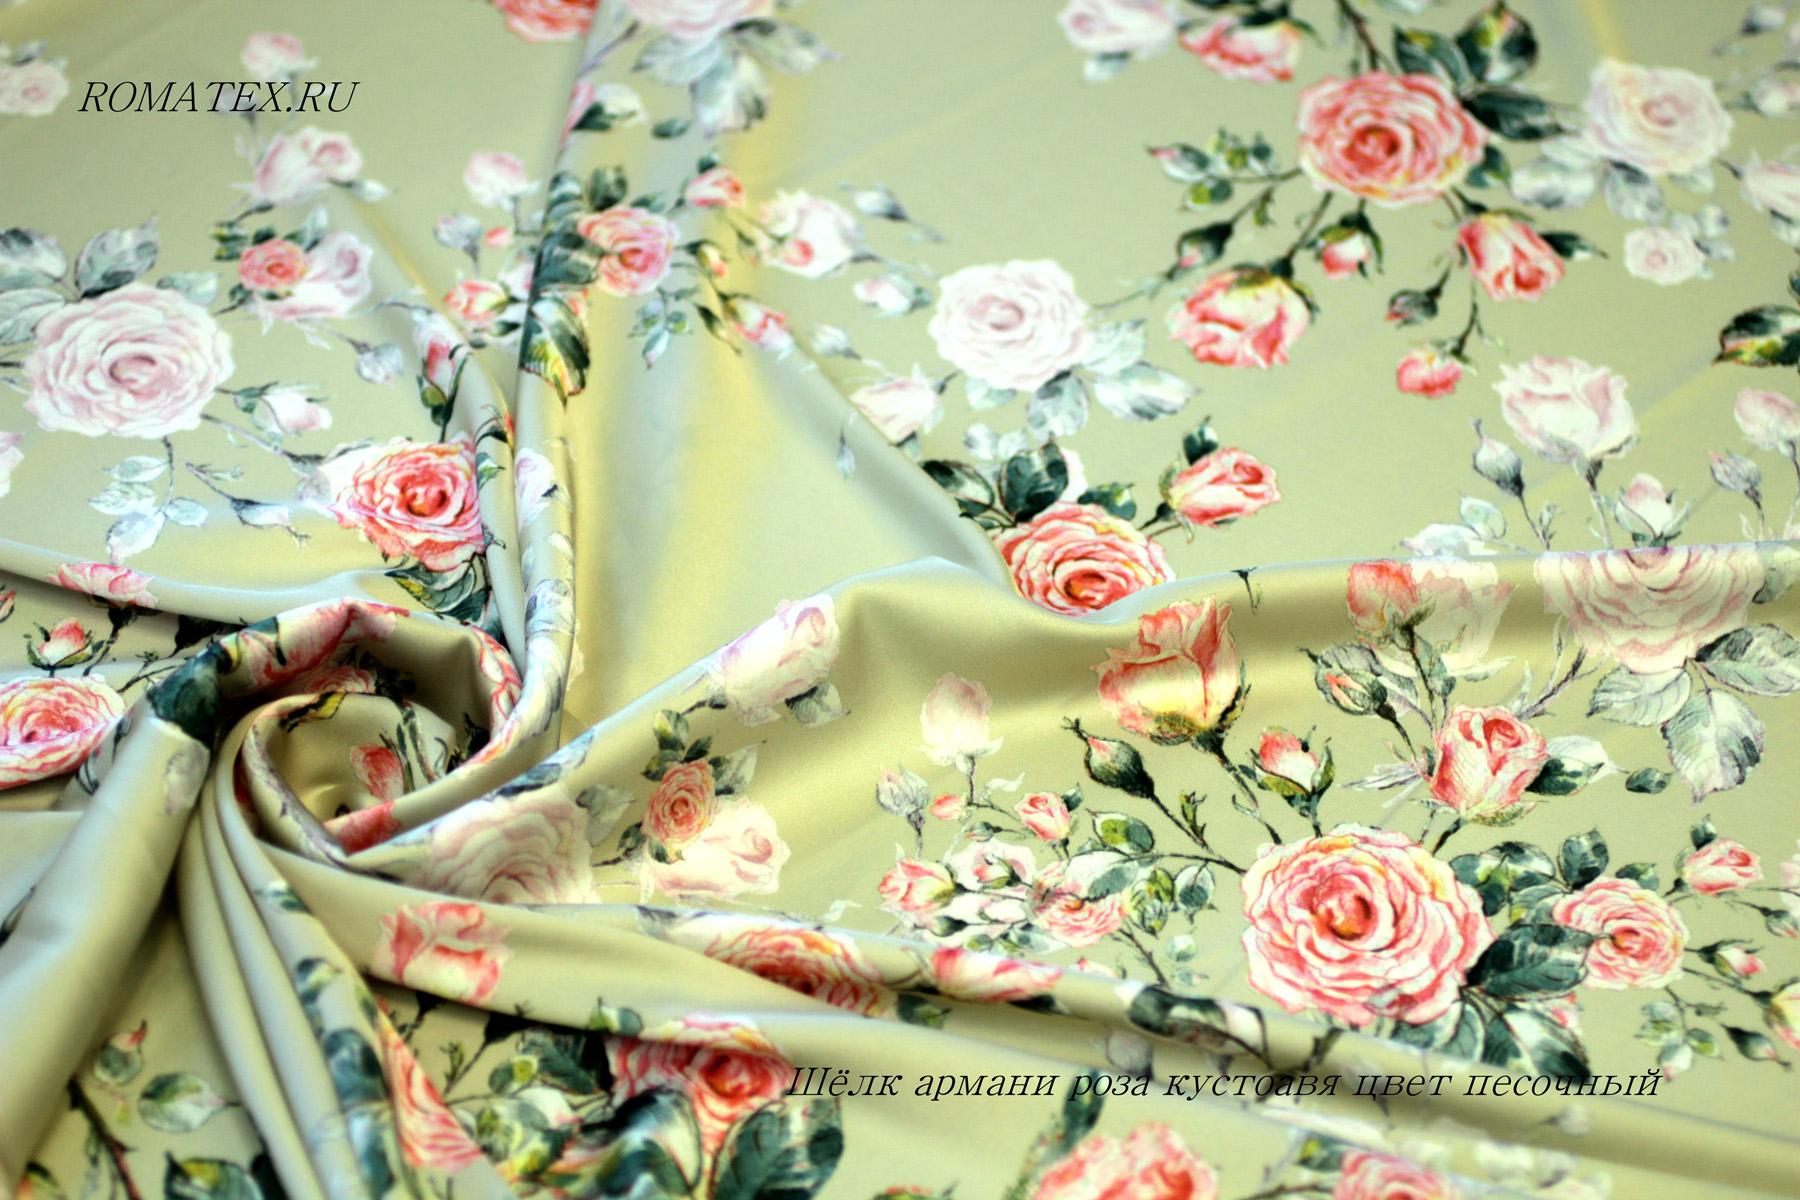 Армани шелк роза кустовая цвет песочный